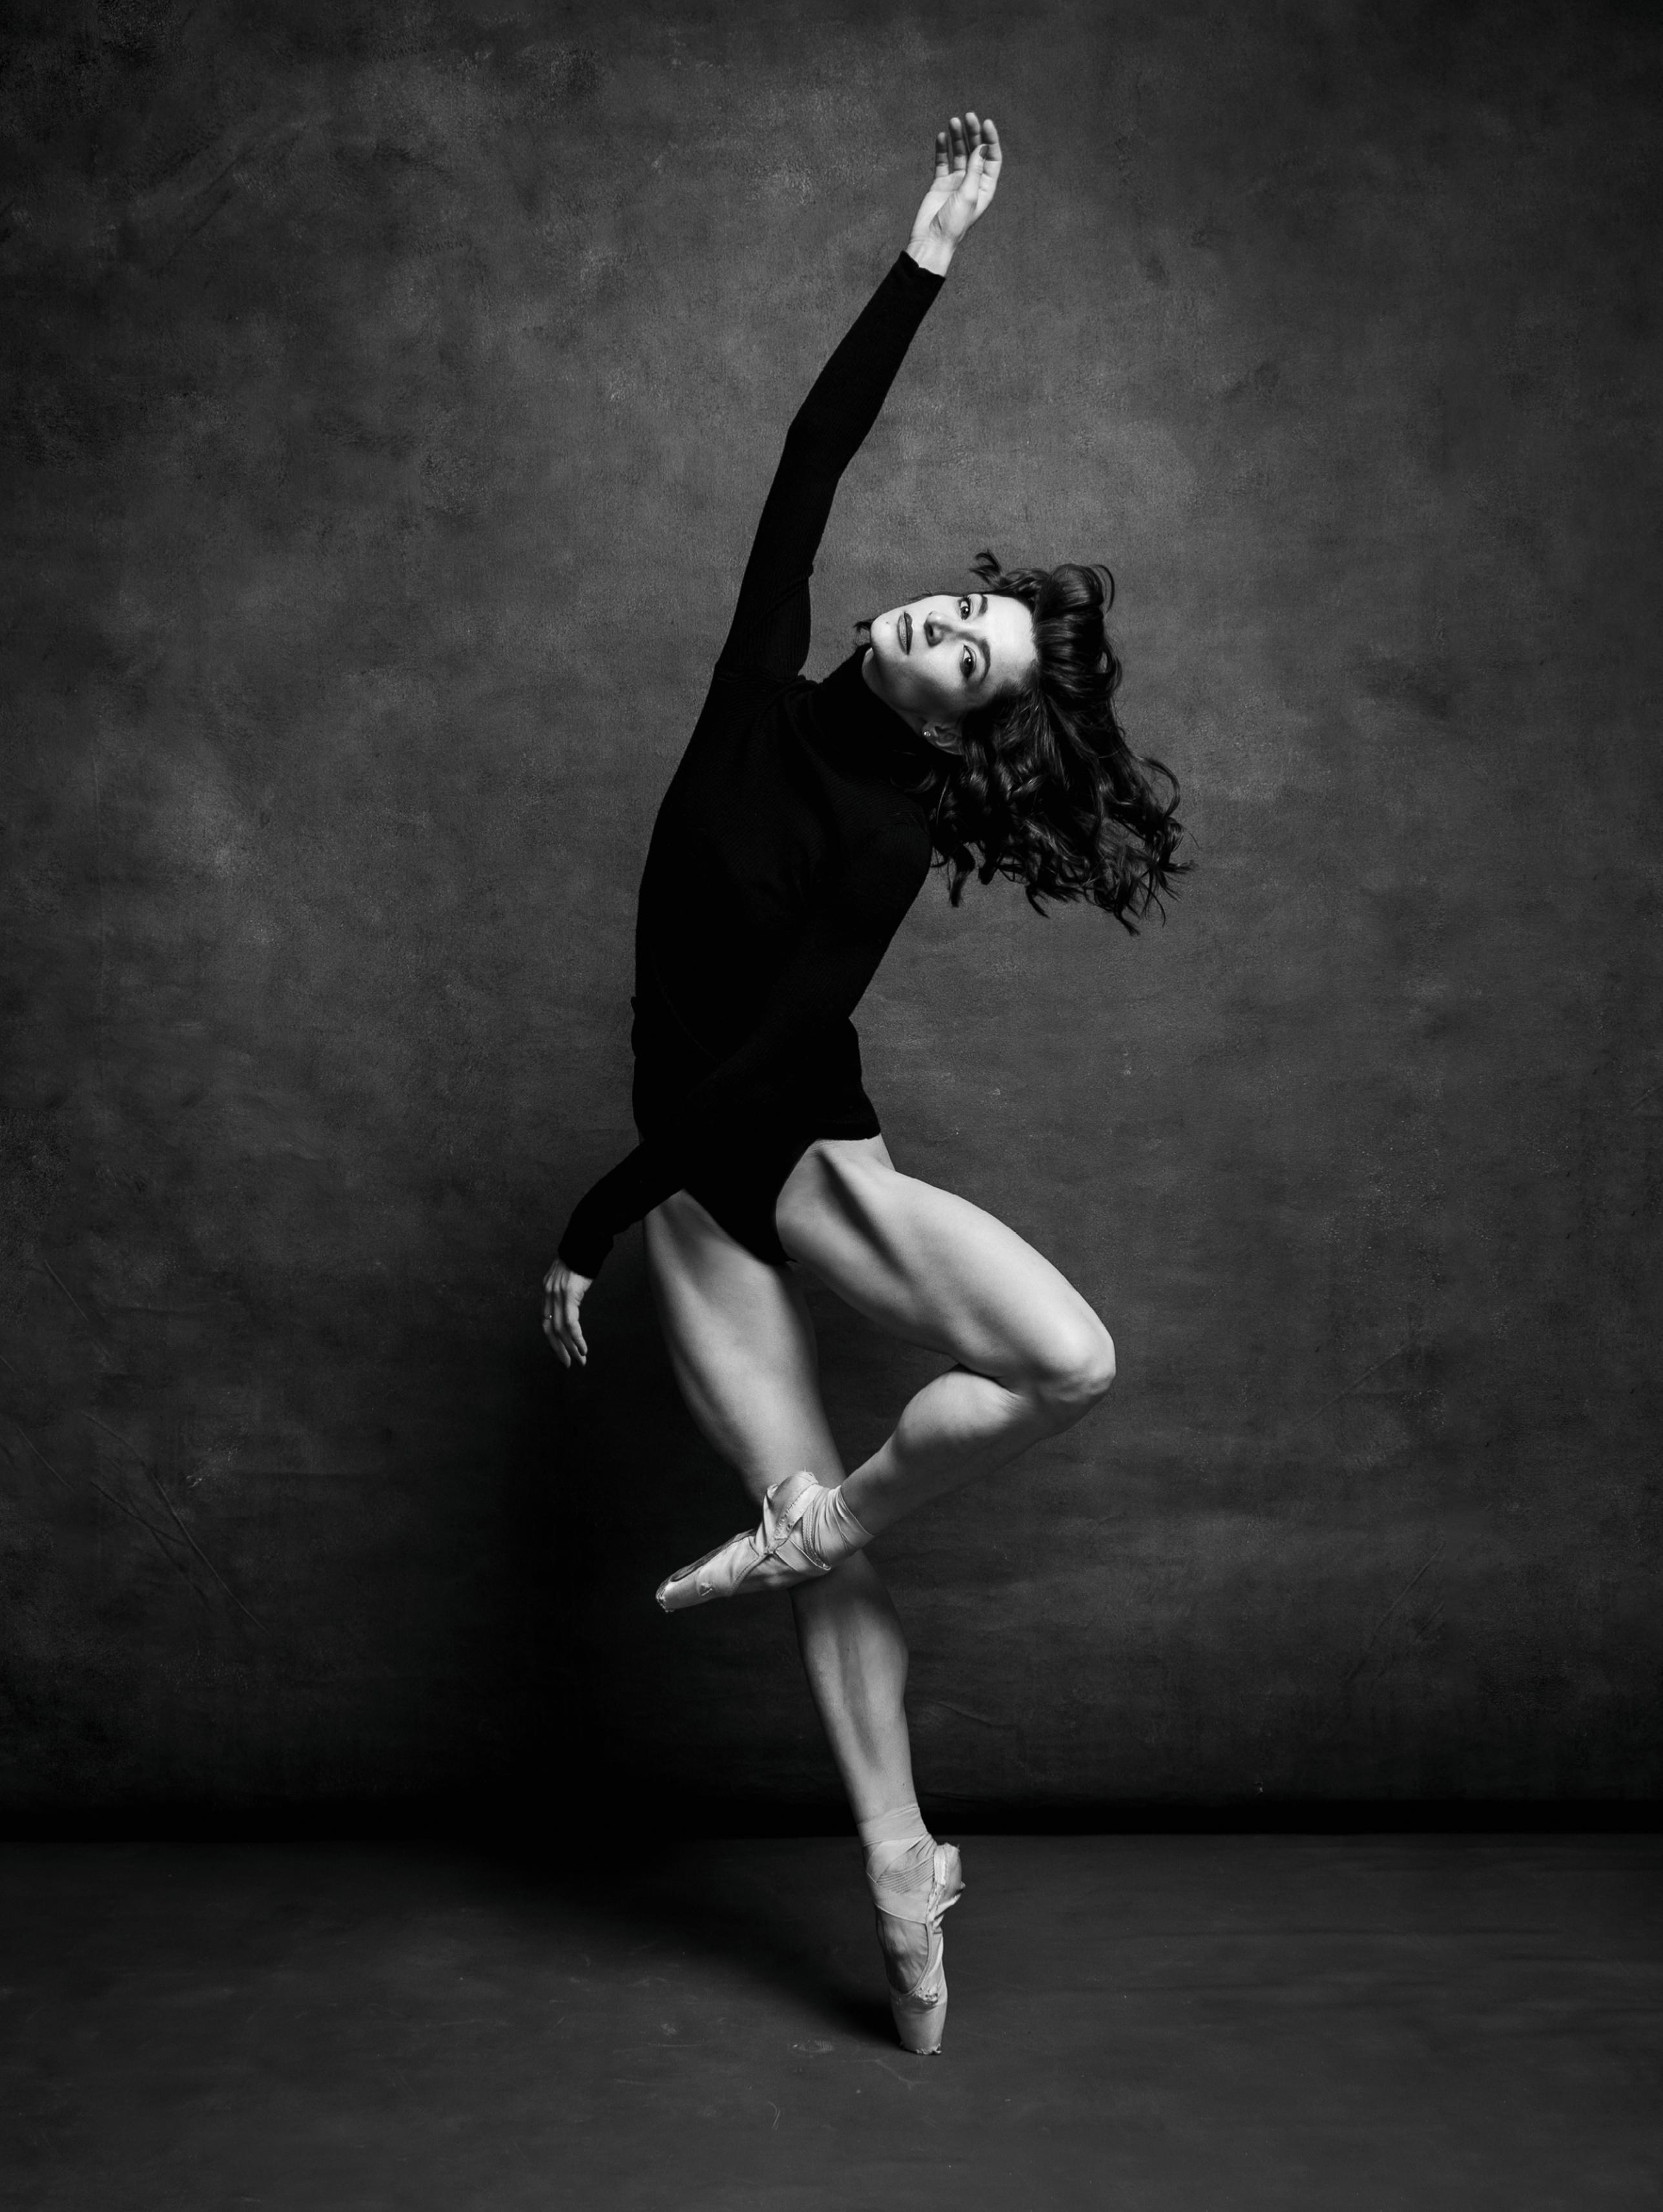 Оксана Кардаш: «Мне легче добавить огня, чем выступать в лирических партиях» / Музыкальная жизнь